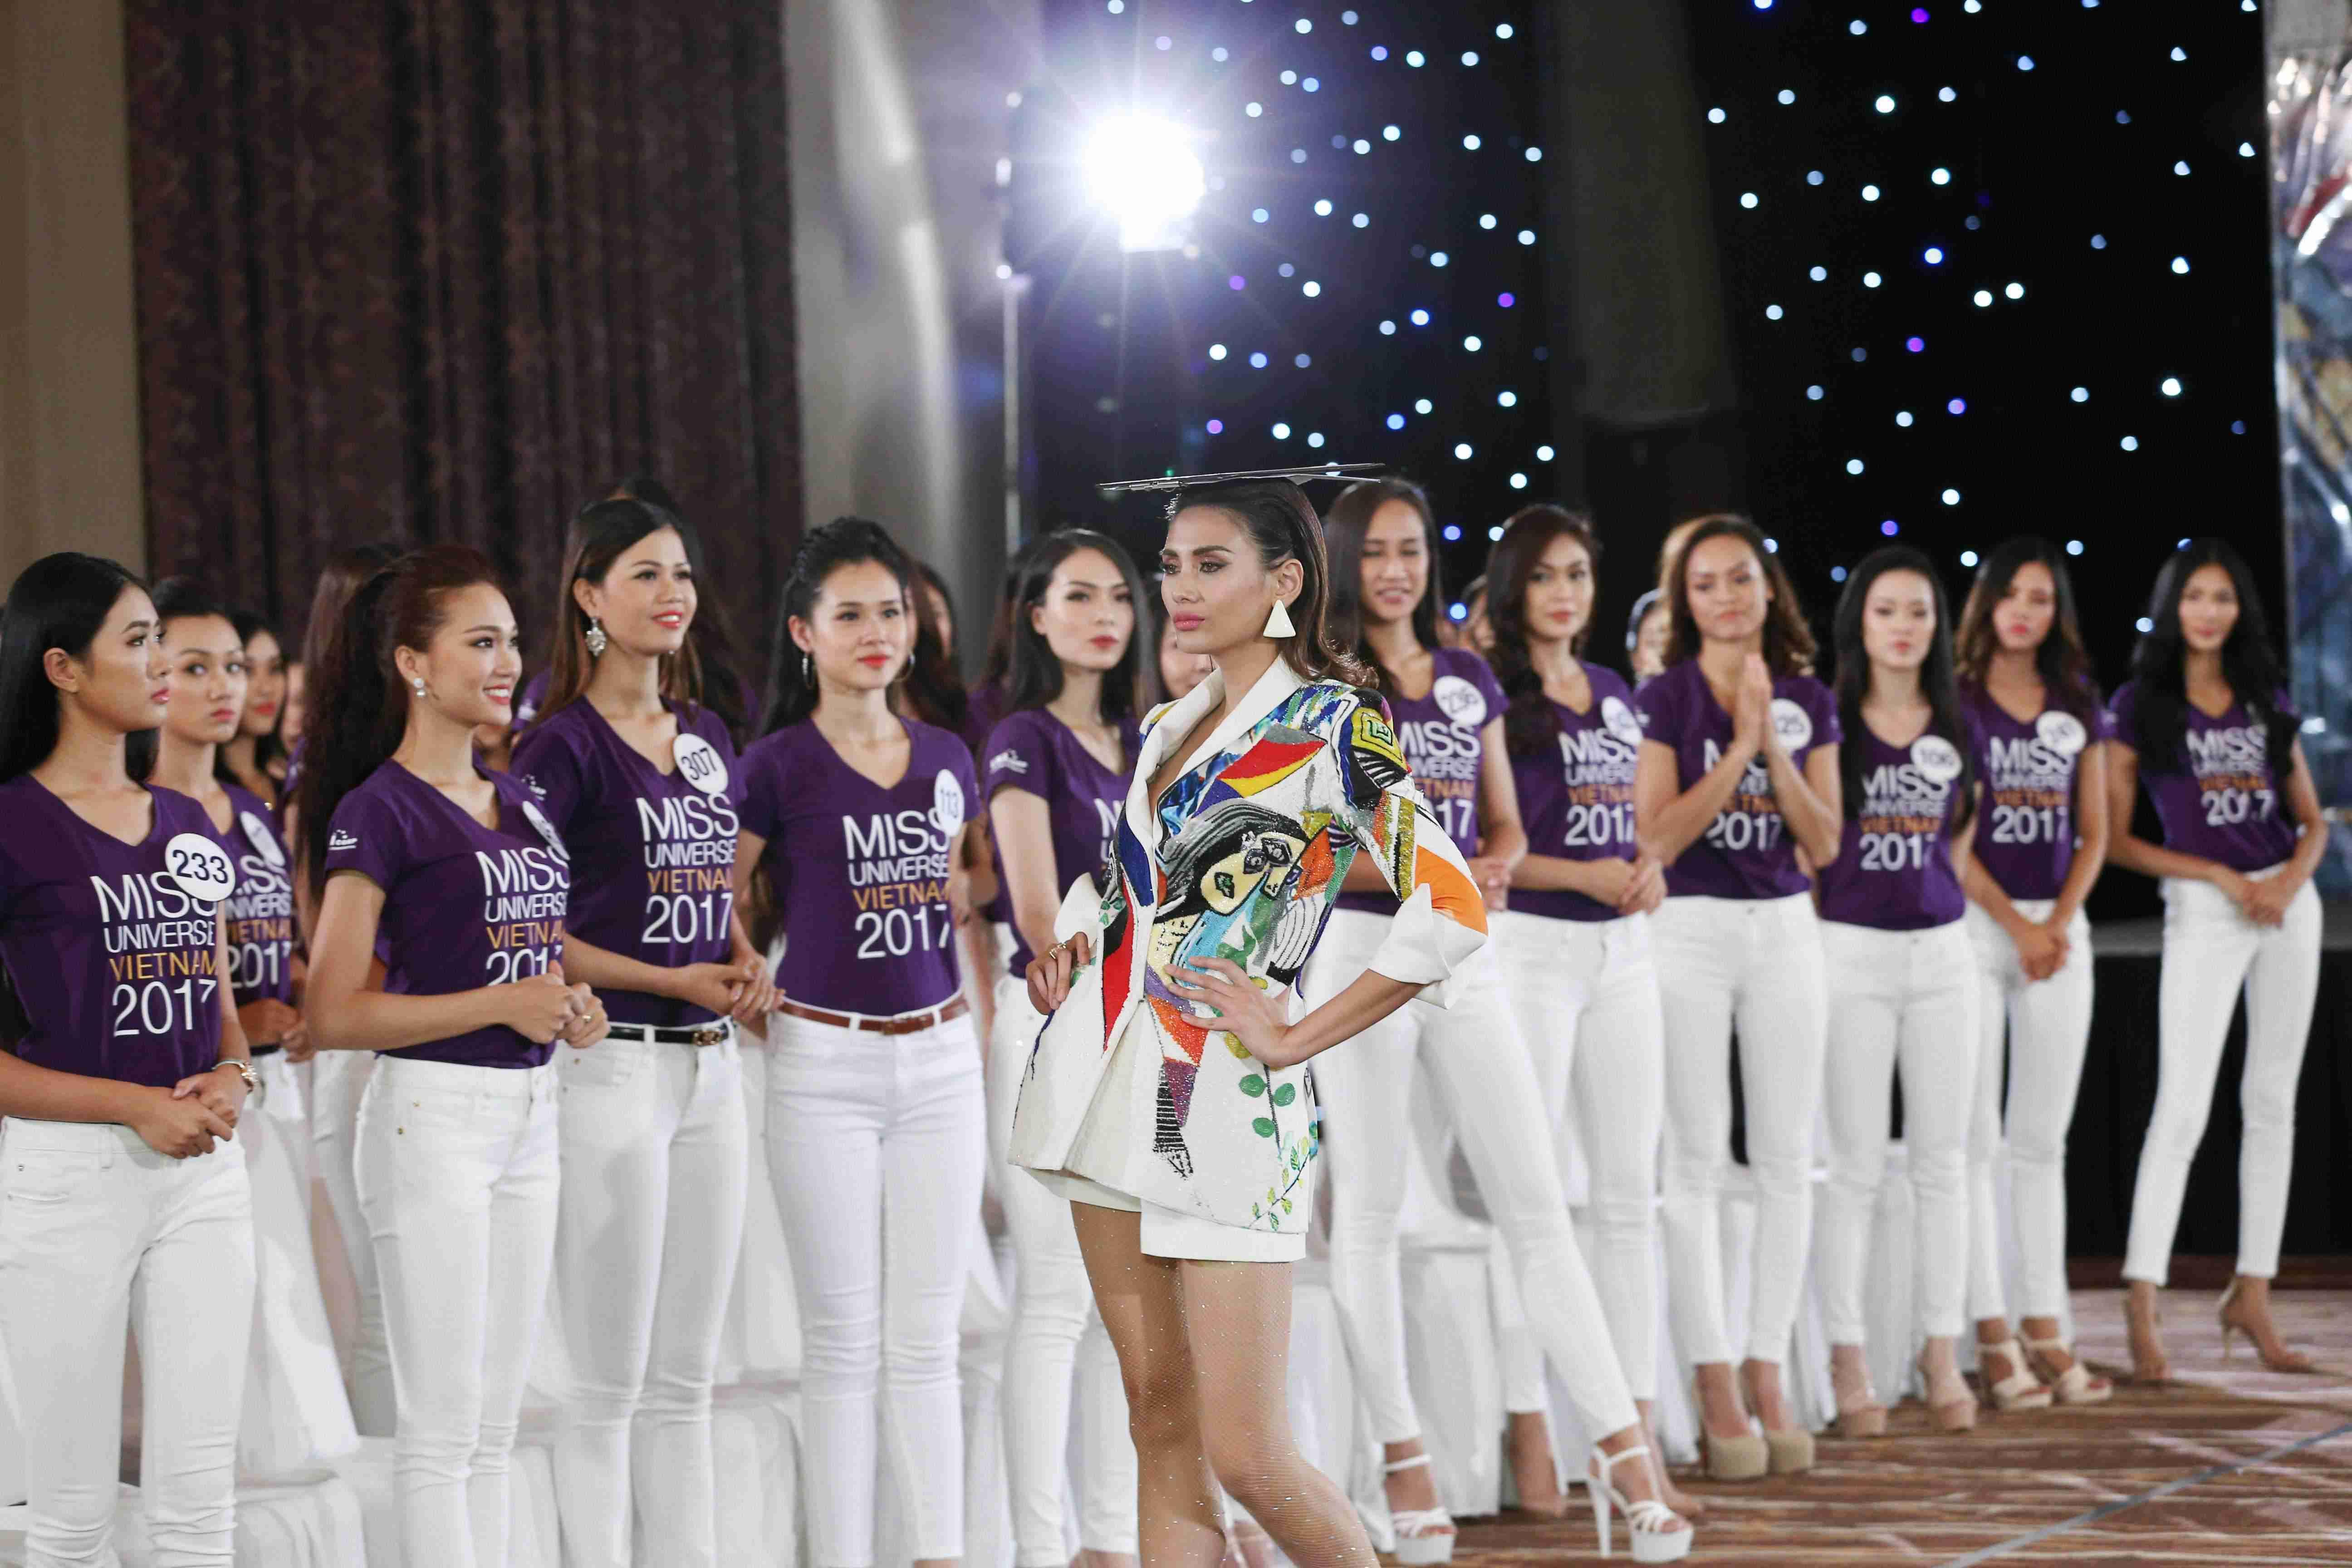 Thời Trang: Hoàng Thùy, Cẩm Tiên cực lộng lẫy trong trang phục dân tộc tại HHHVVN